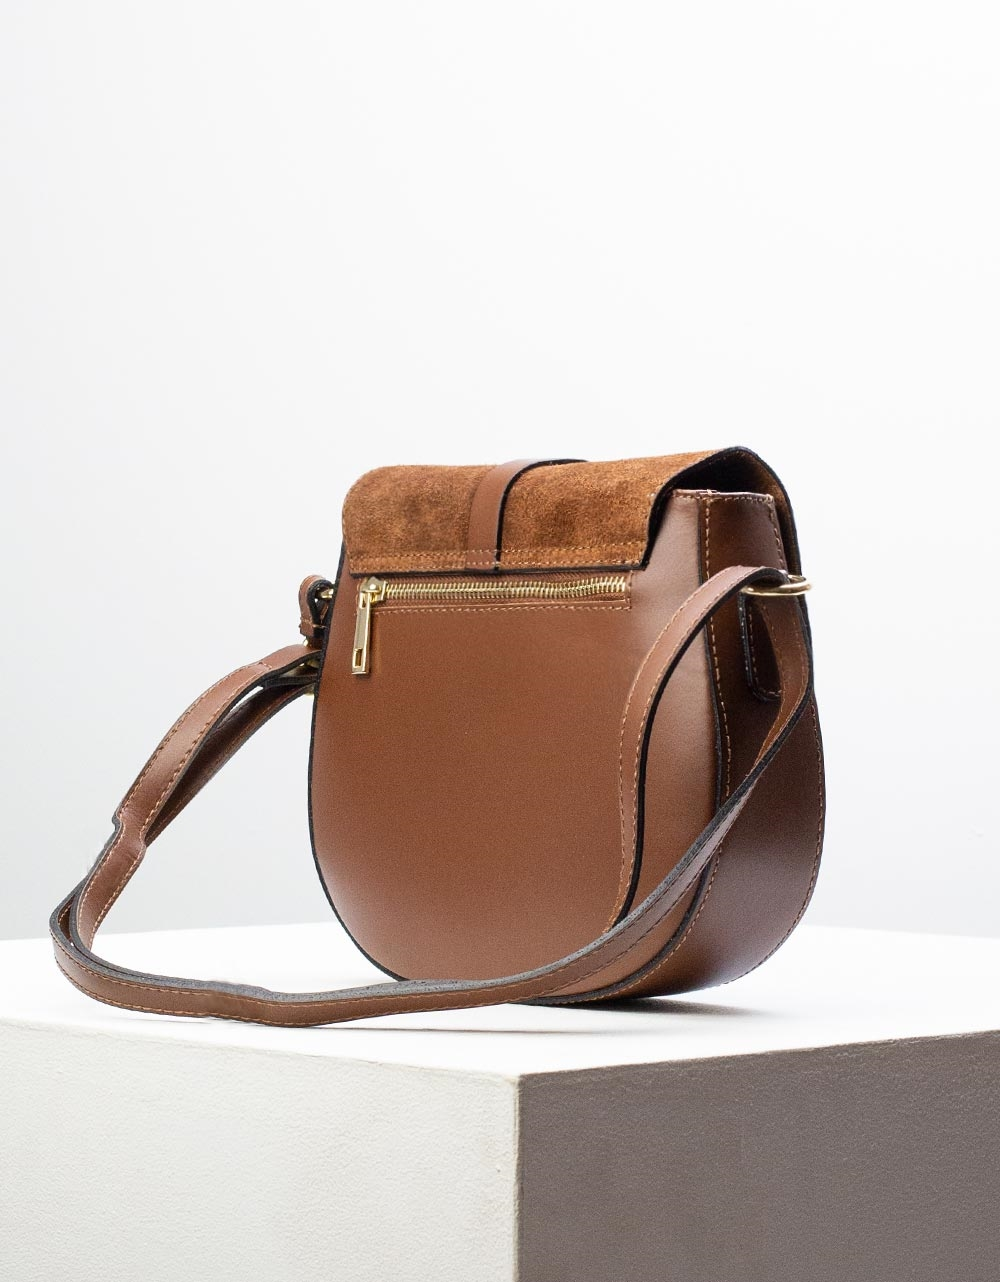 Εικόνα από Γυναικεία τσάντα ώμου & χιαστί από γνήσιο δέρμα σε συνδιασμούς υλικών Καφέ